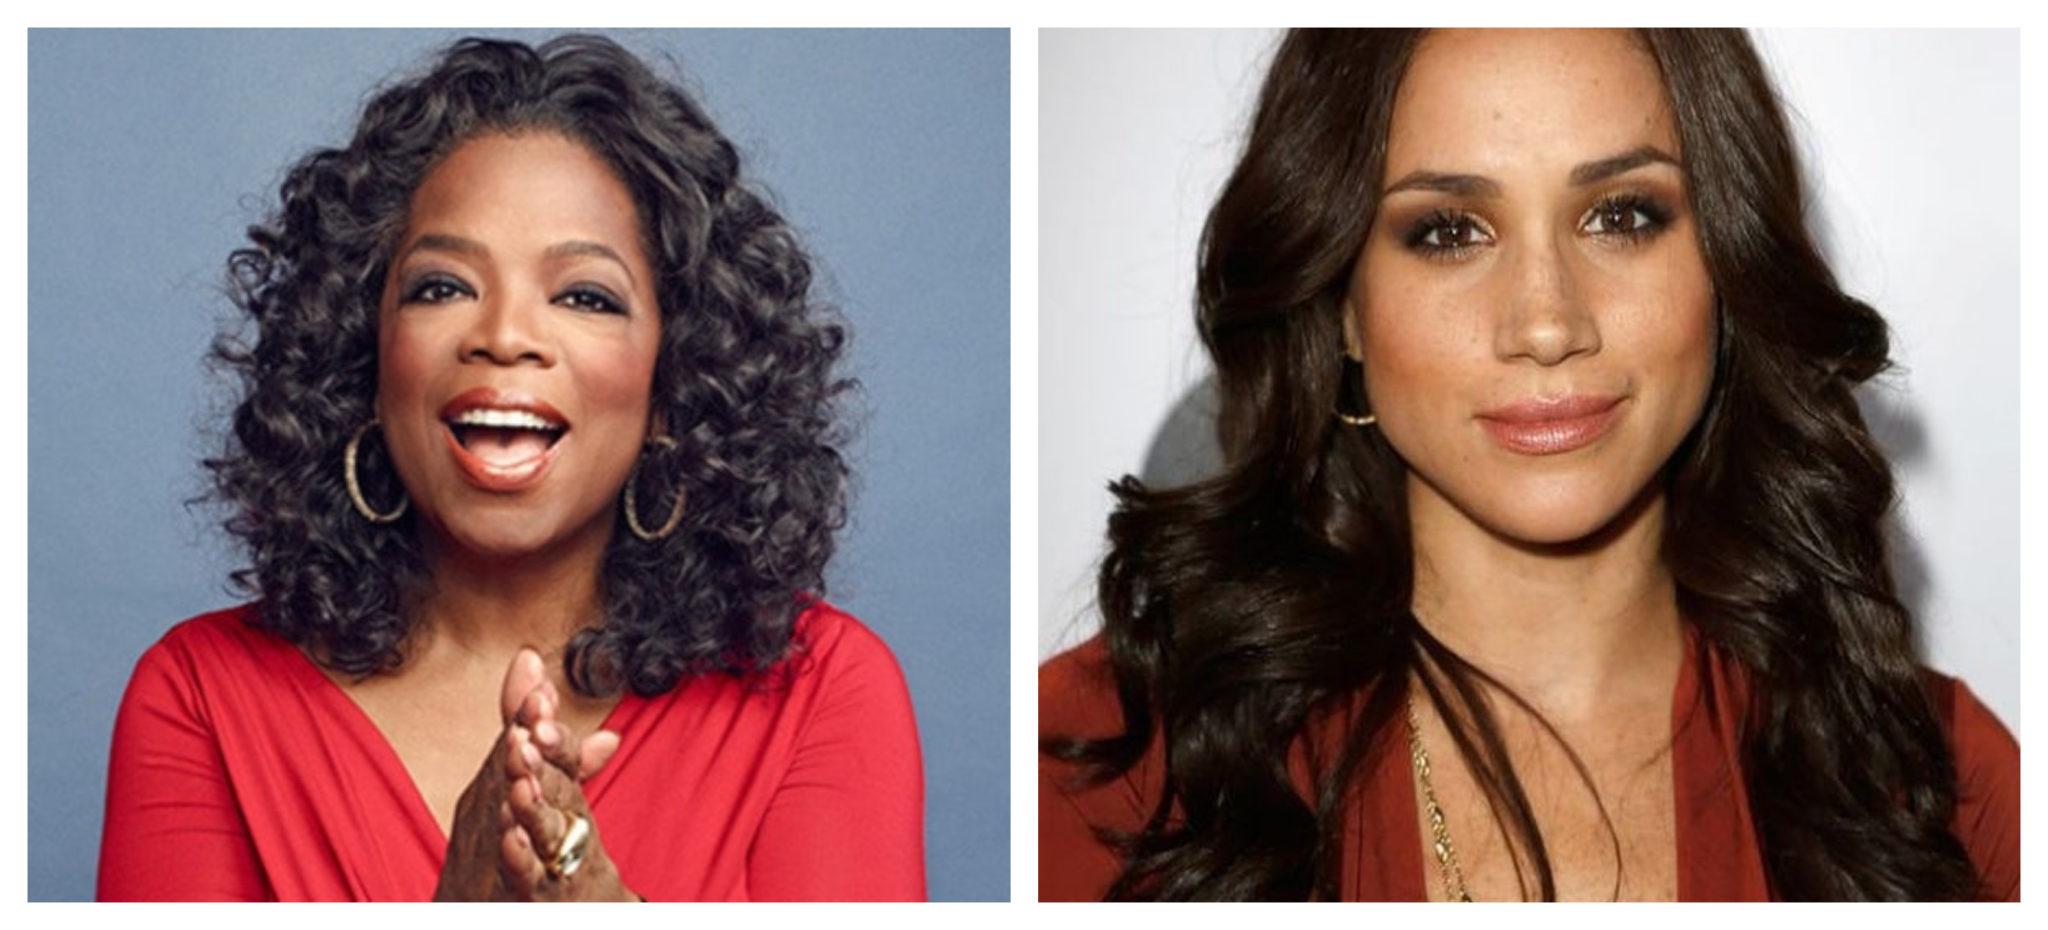 Fotojet 2 Oprah Winfrey Do Lado De Meghan Markle: &Quot;Ela Está A Ser Retratada De Maneira Injusta&Quot;